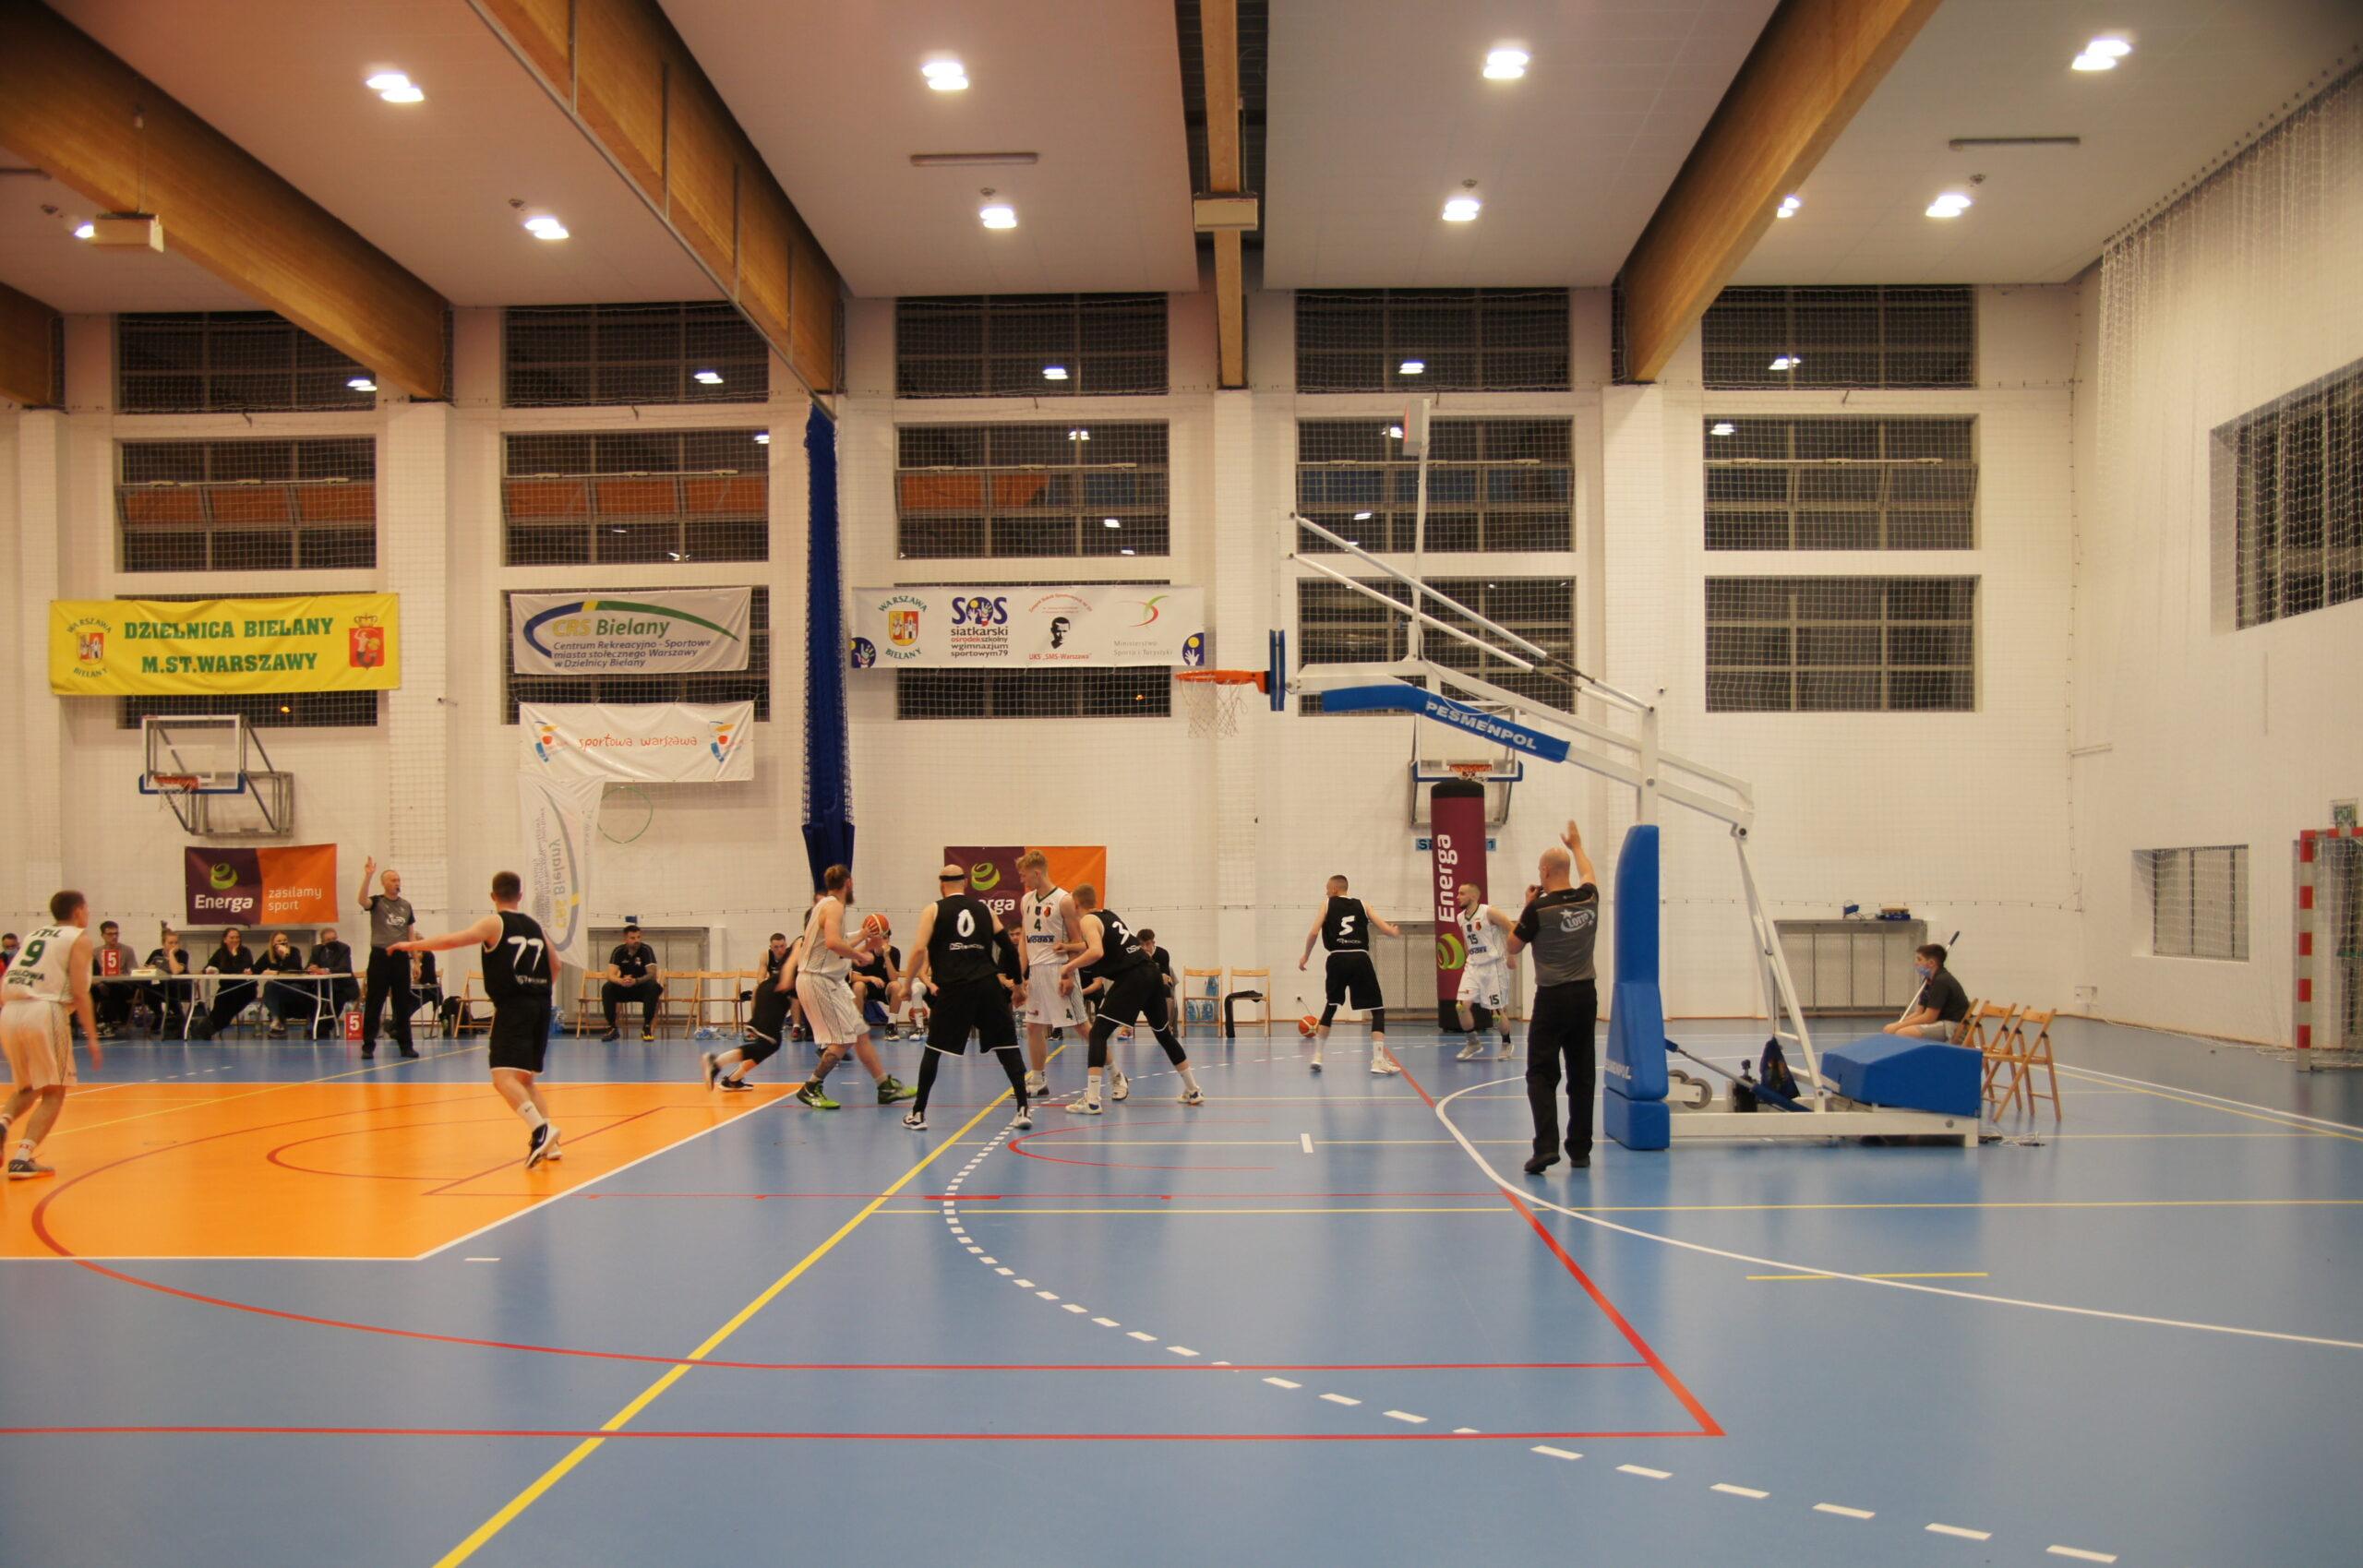 Grupa dorosłych mężczyzn grających w koszykówkę podczas turnieju na terenie Hali Sportowej CRS Bielany. Z tyłu widoczne banery, w tym jeden z logiem CRS Bielany.